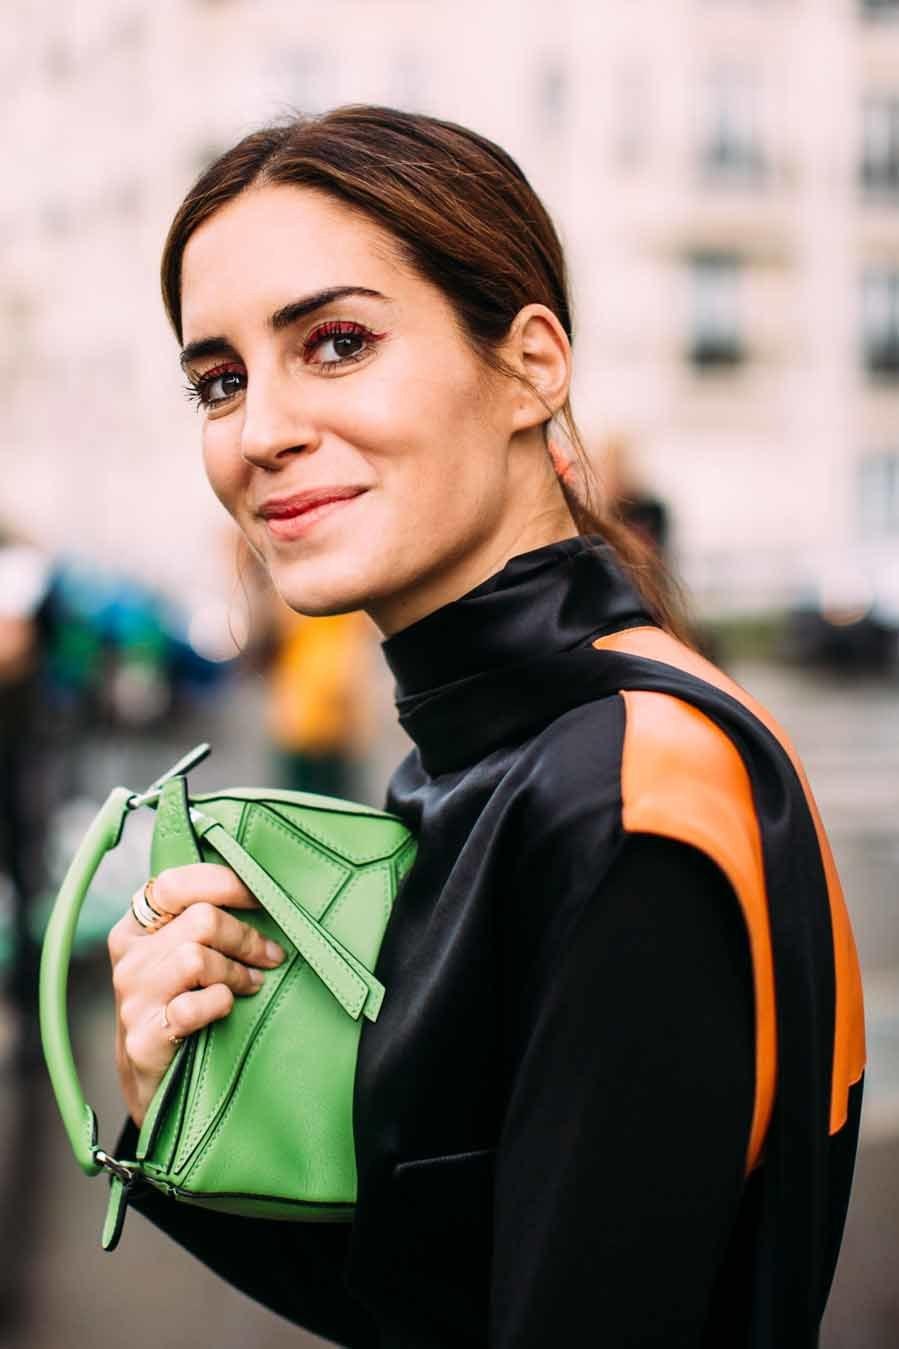 Tendencias para comprar en rebajas - El bolso tamaño 'mini' - La propuesta de Gala González